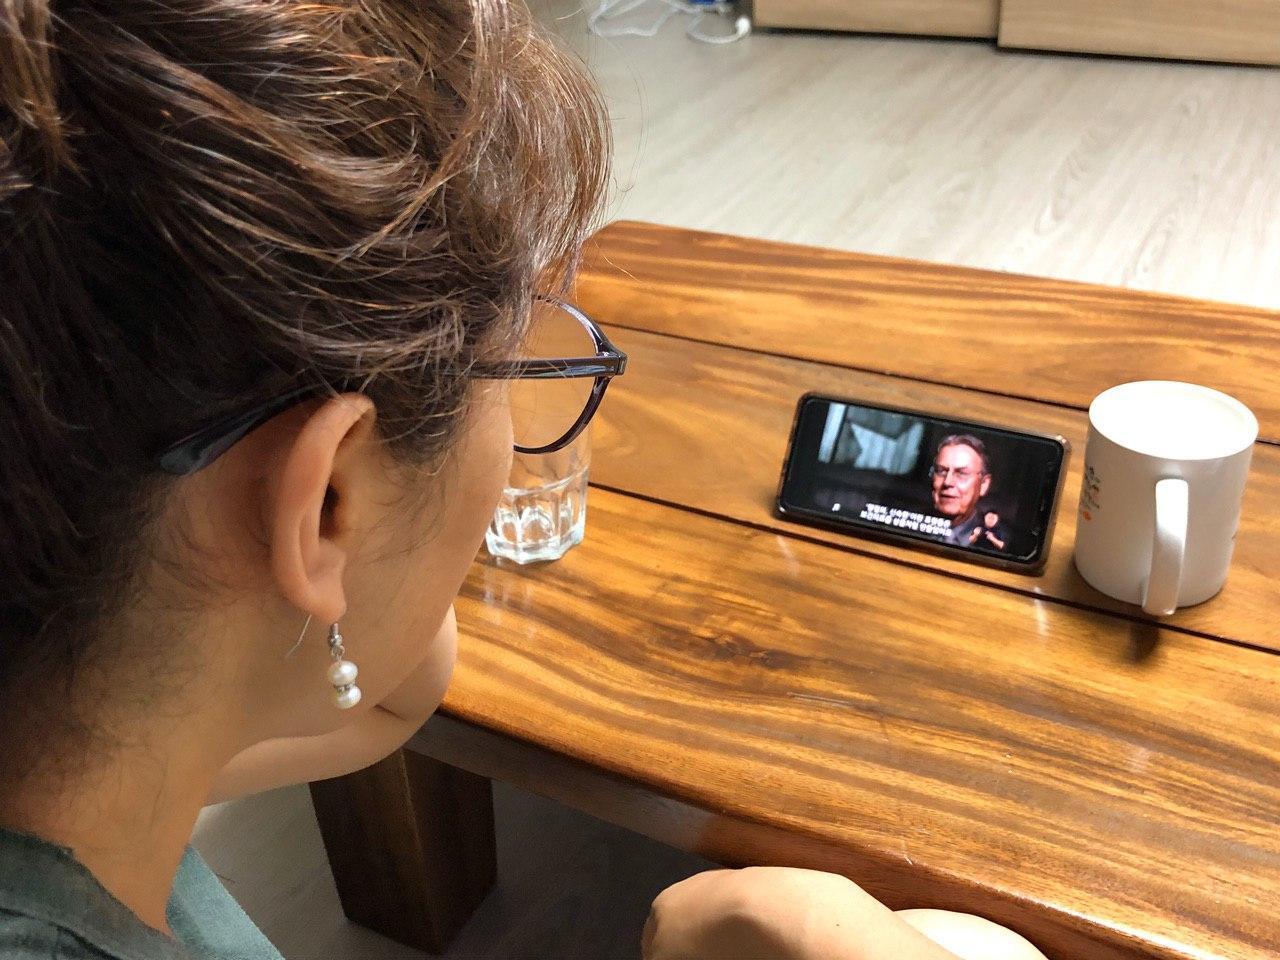 사진1. 서울인권영화제의 자원활동가 망나의 집. 망나의 가족이 테이블 위 핸드폰으로 <컨베이어벨트 위의 건강>을 보고 있다.